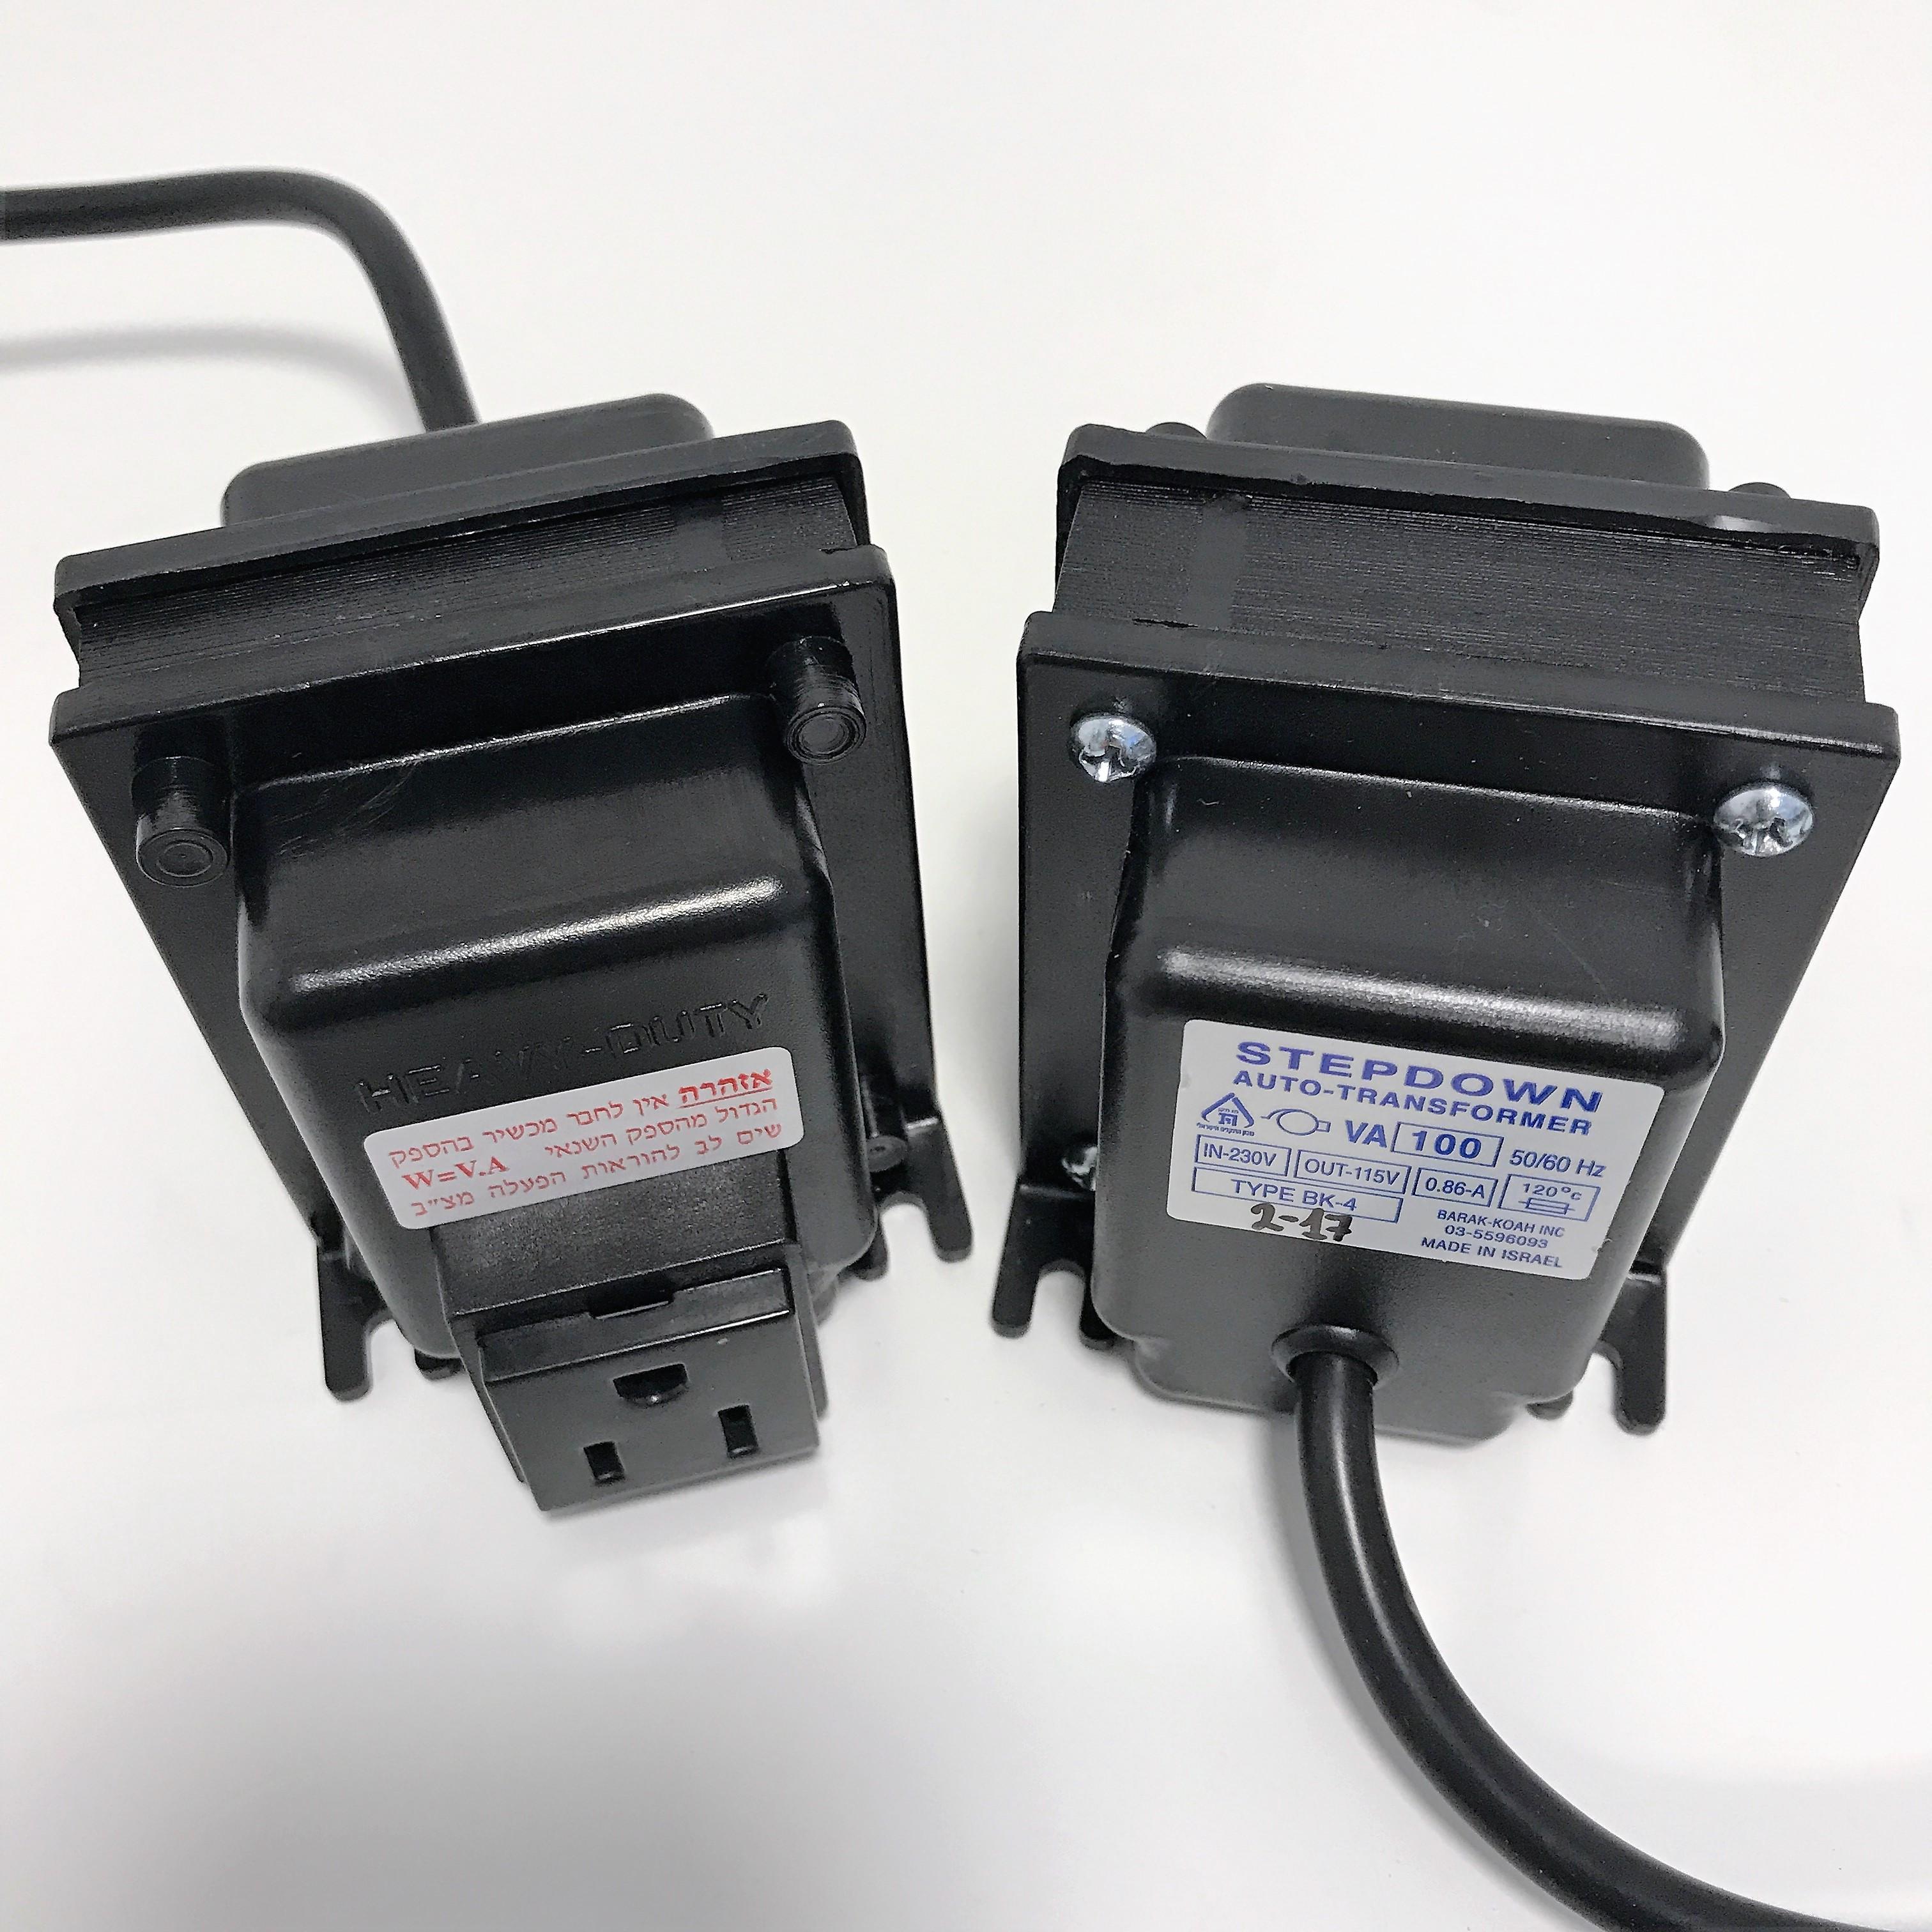 שנאי אוטוטרפו בהספק 300VA (למכשיר אמריקאי 115V)